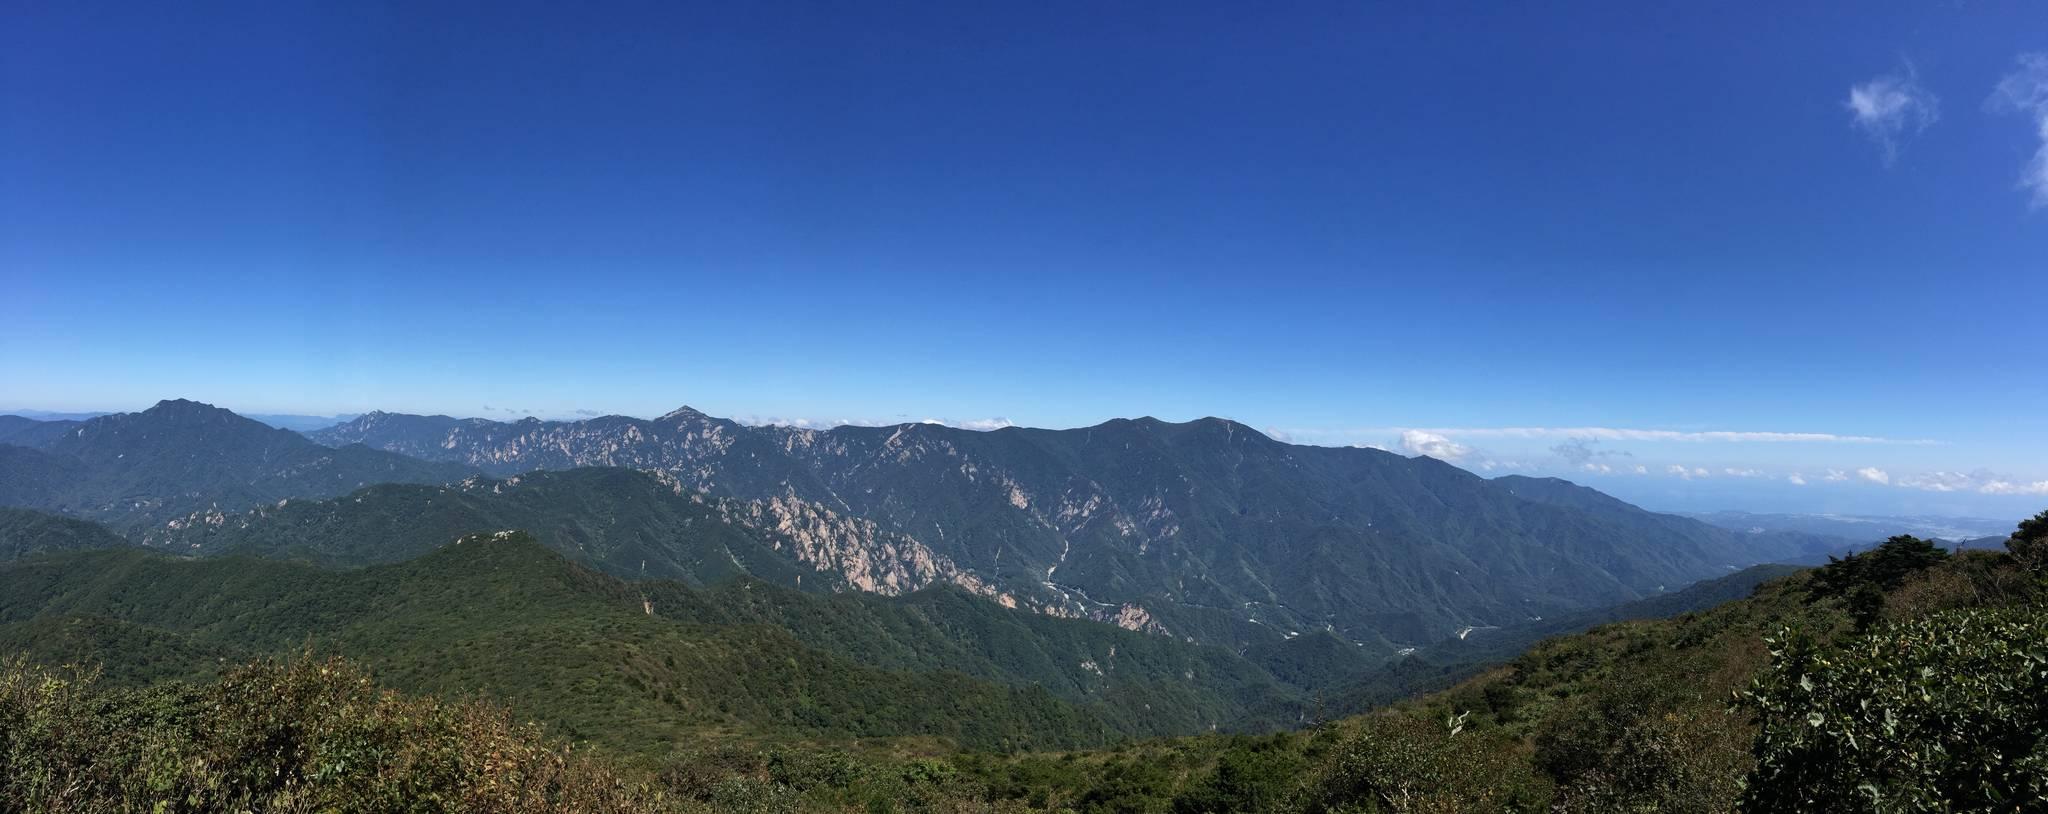 강원도 인제군 점봉산에서 바라본 설악산 [사진 녹색연합]